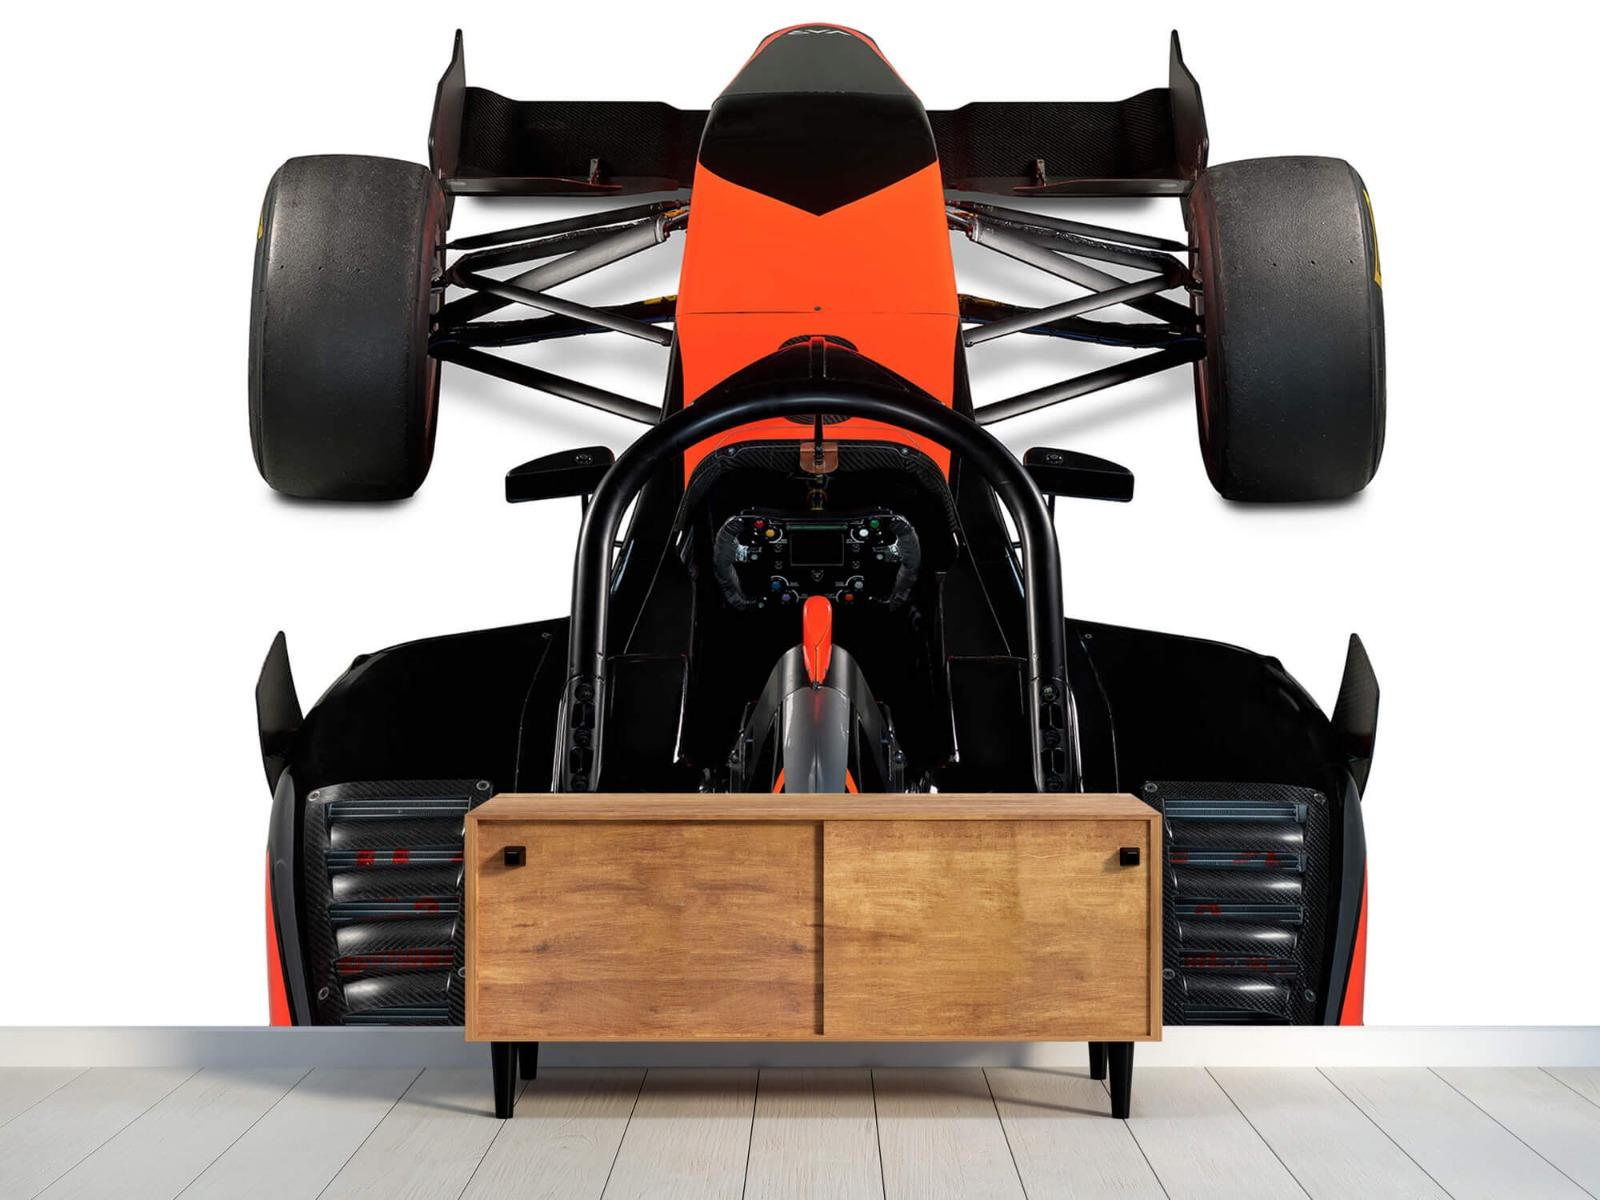 Sportauto's - Formule 3 - Cockpit view - Computerruimte 10